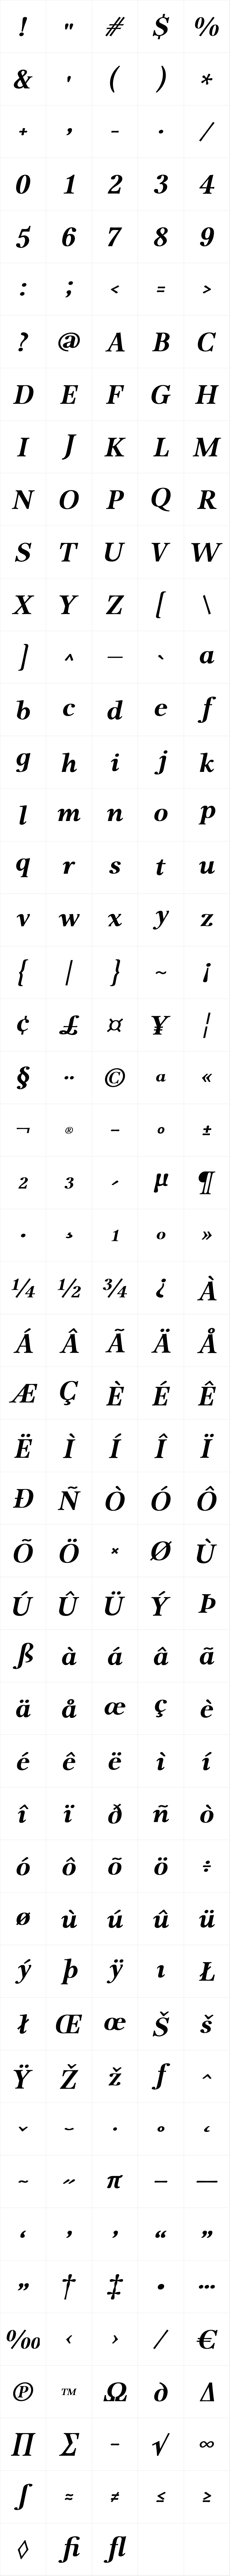 P22 Foxtrot Bold Italic